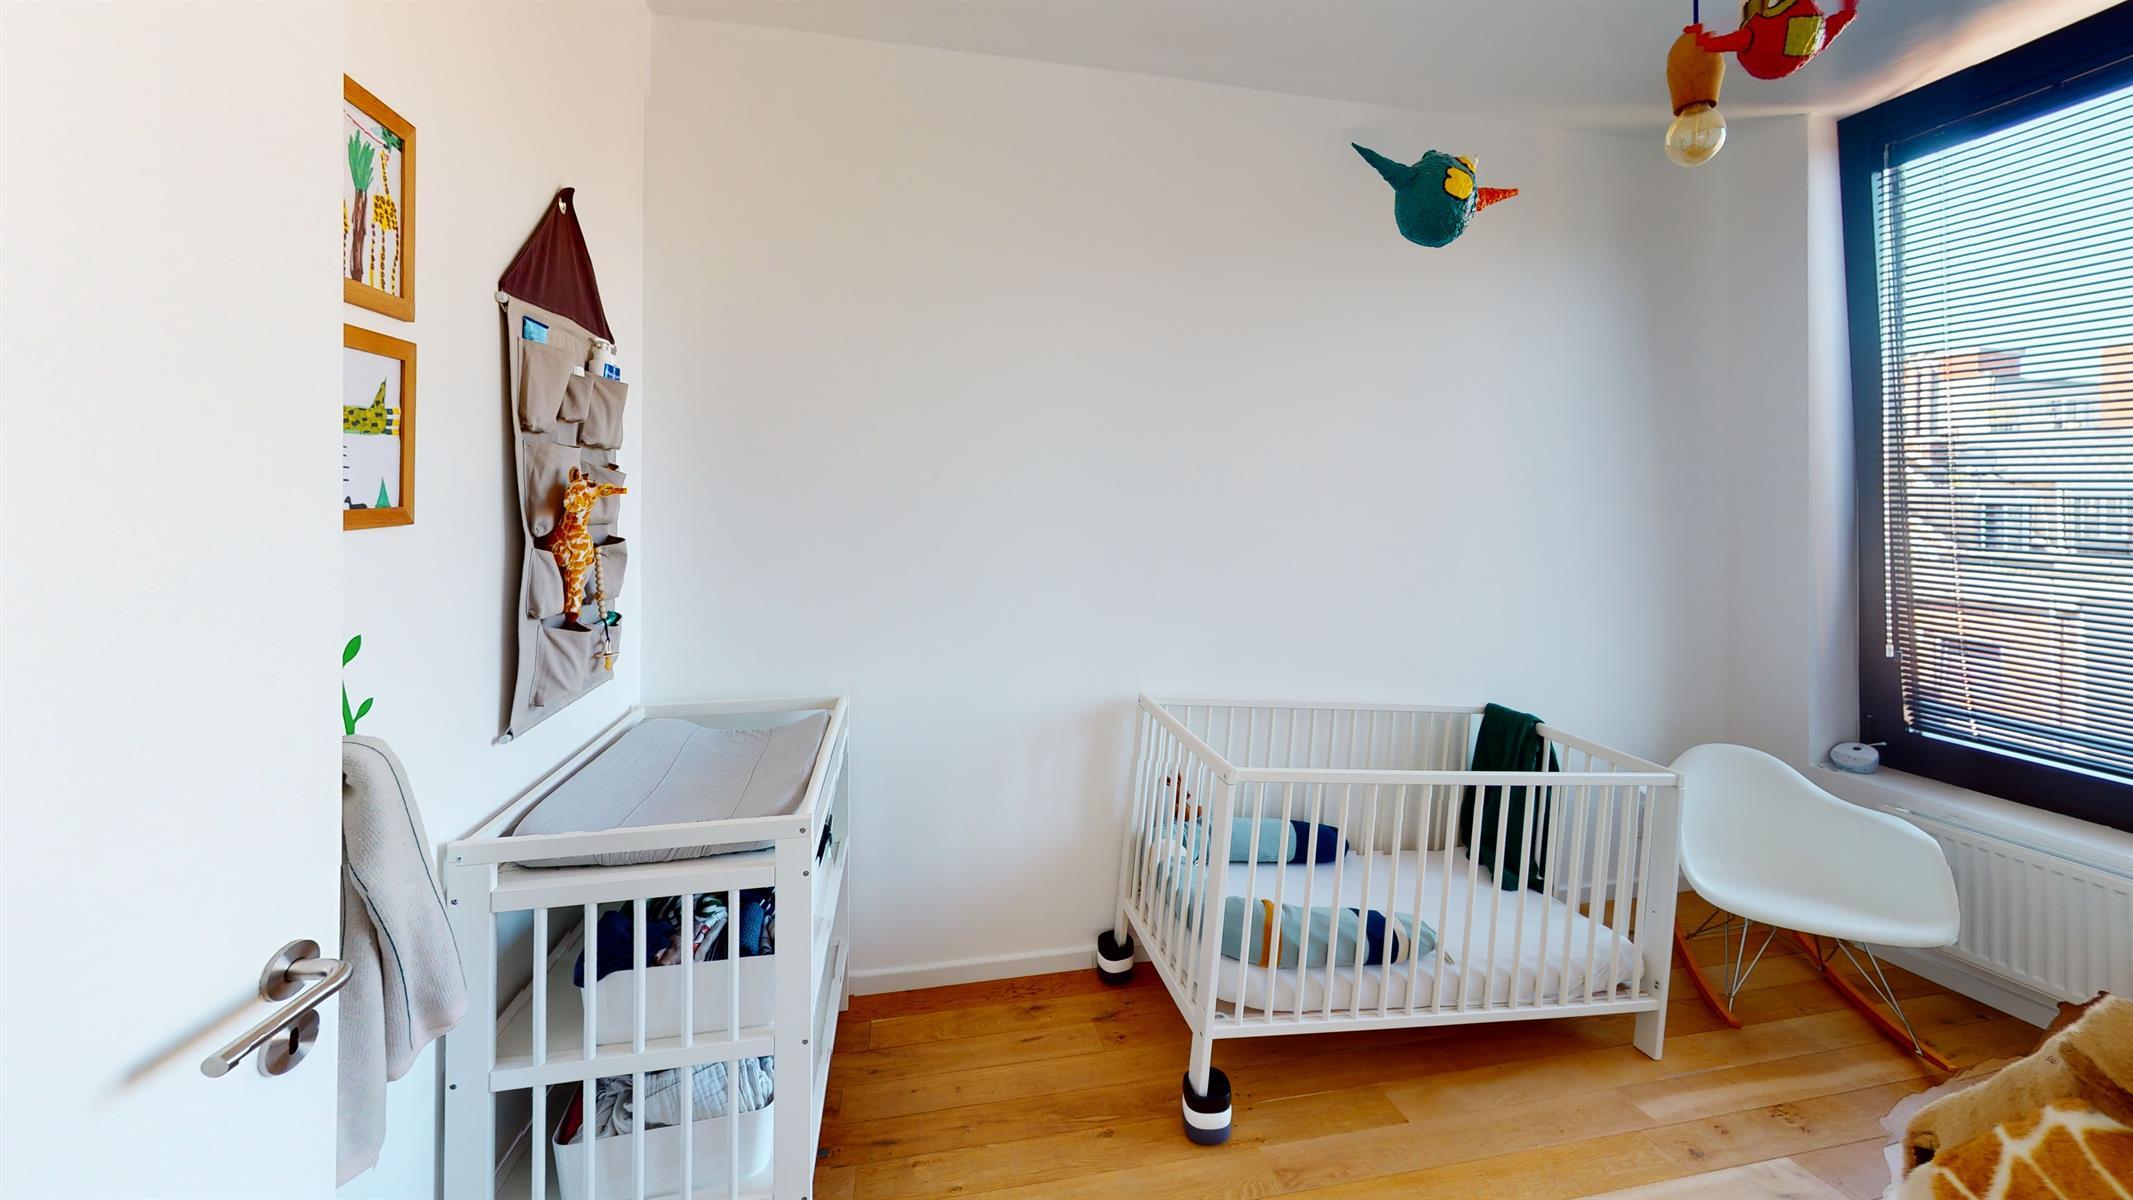 Makelaarskantoor De Meester, Appartement|Duplex te 2140 Antwerpen Borgerhout